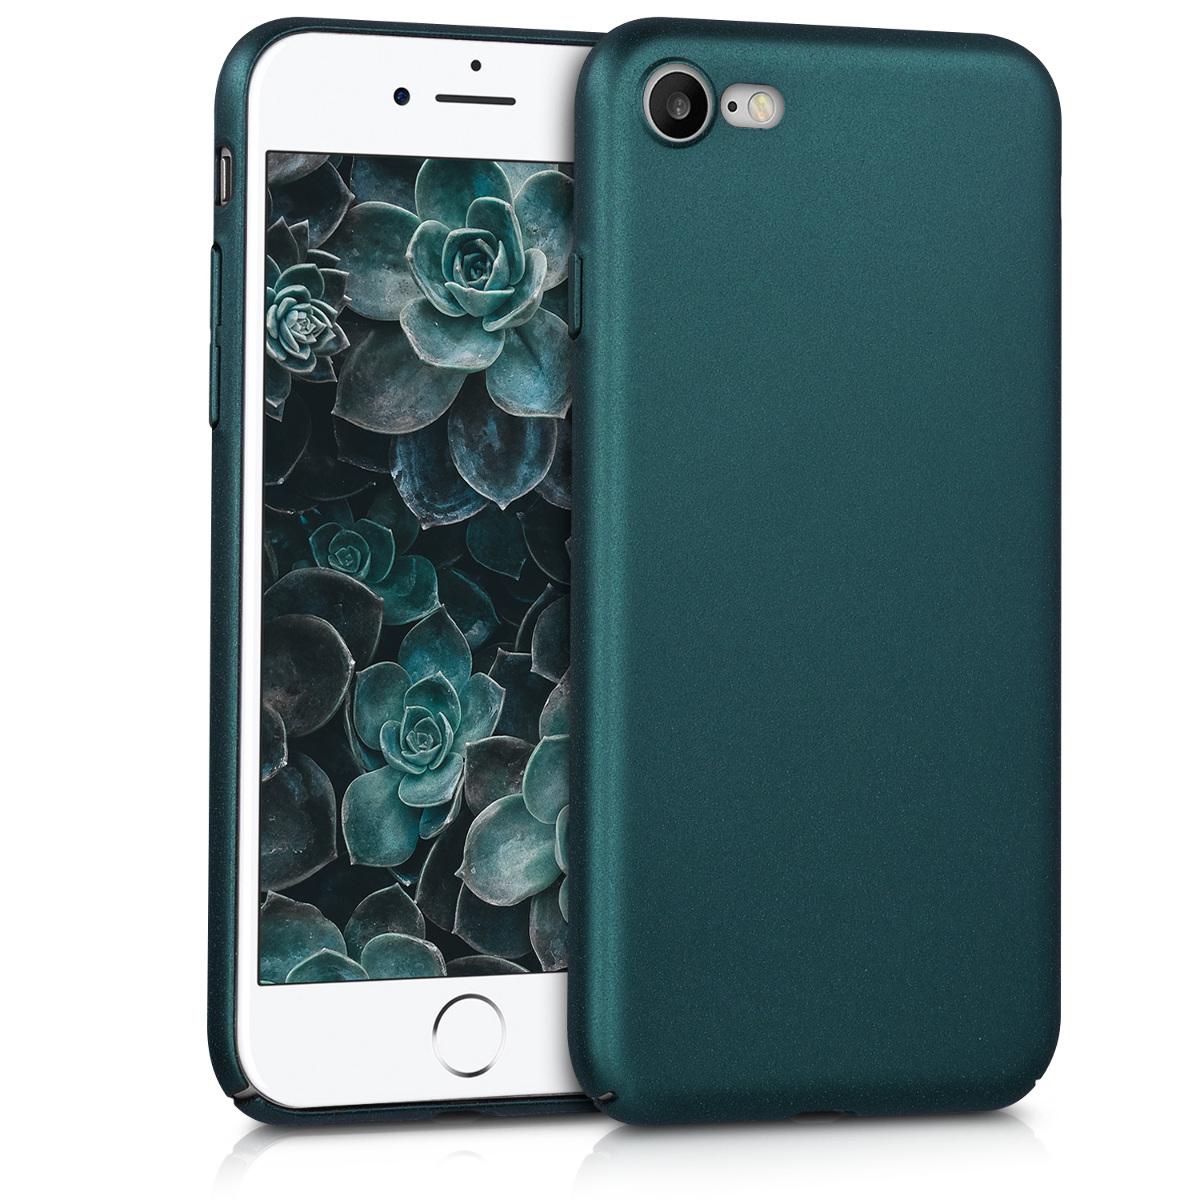 KW Slim Anti-Slip Cover - Σκληρή Θήκη Καουτσούκ iPhone 8 / 7 - Metallic Teal (43629.14)